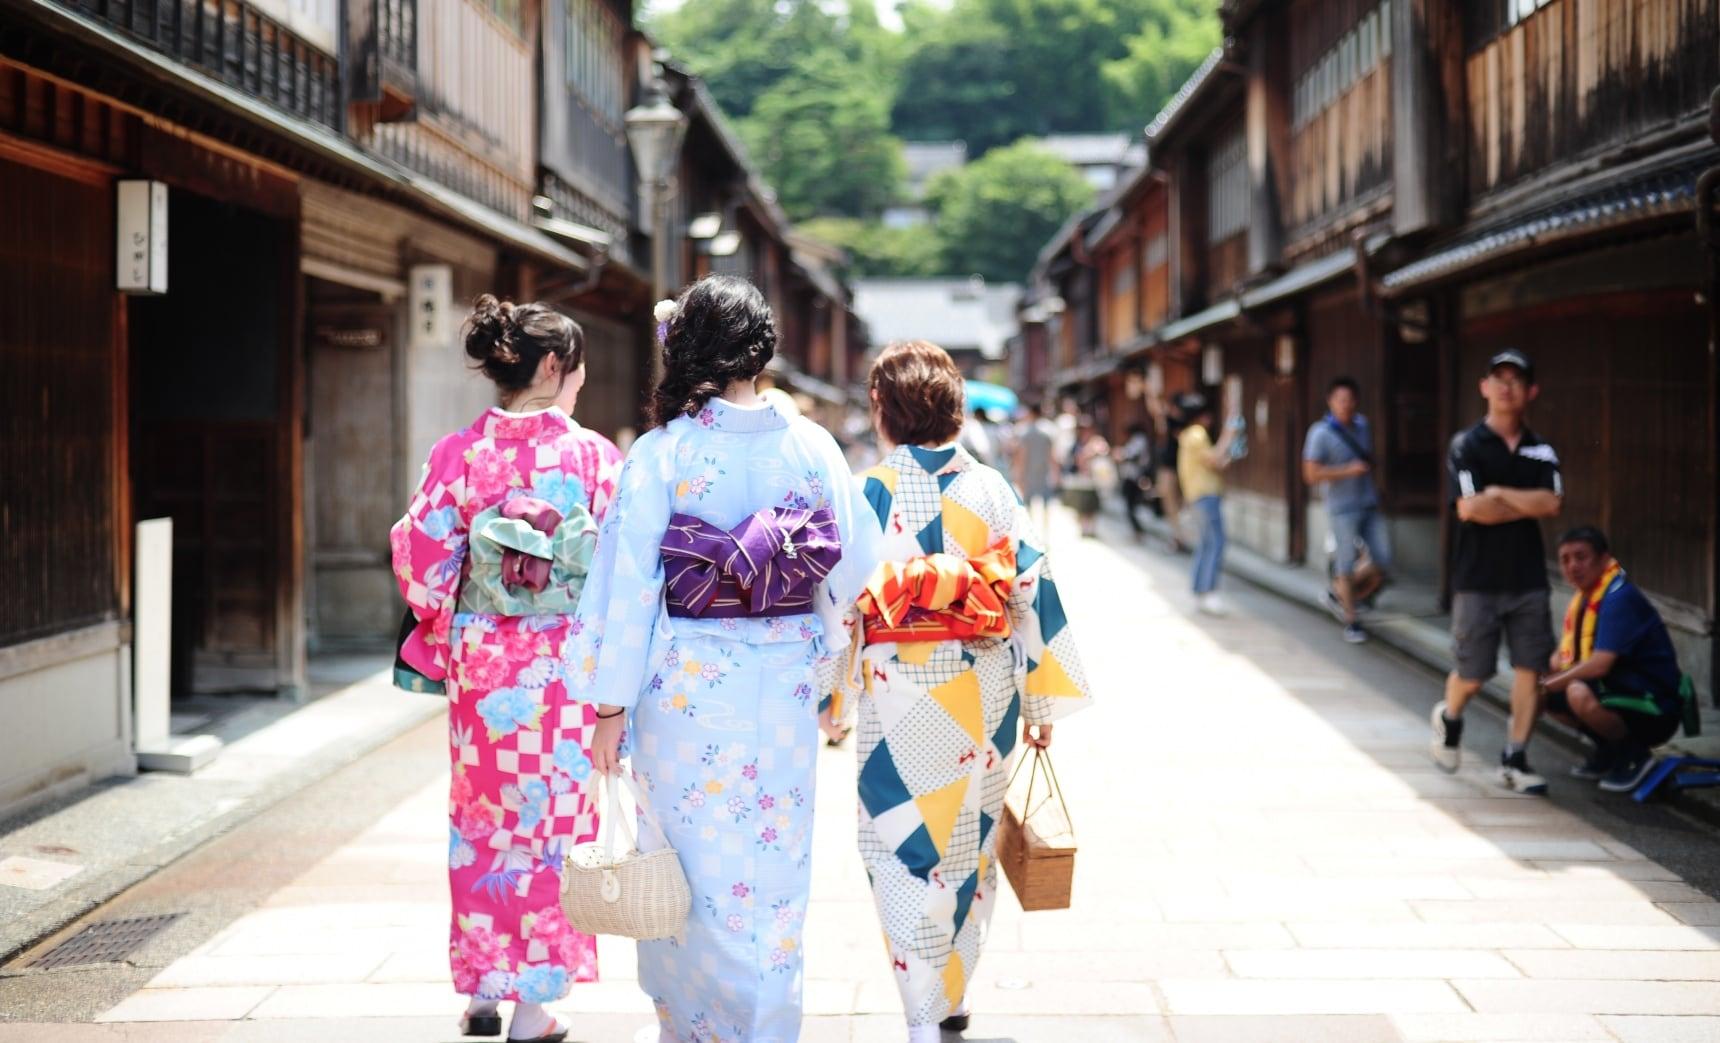 6 ที่เที่ยวสไตล์ย้อนยุคในญี่ปุ่น